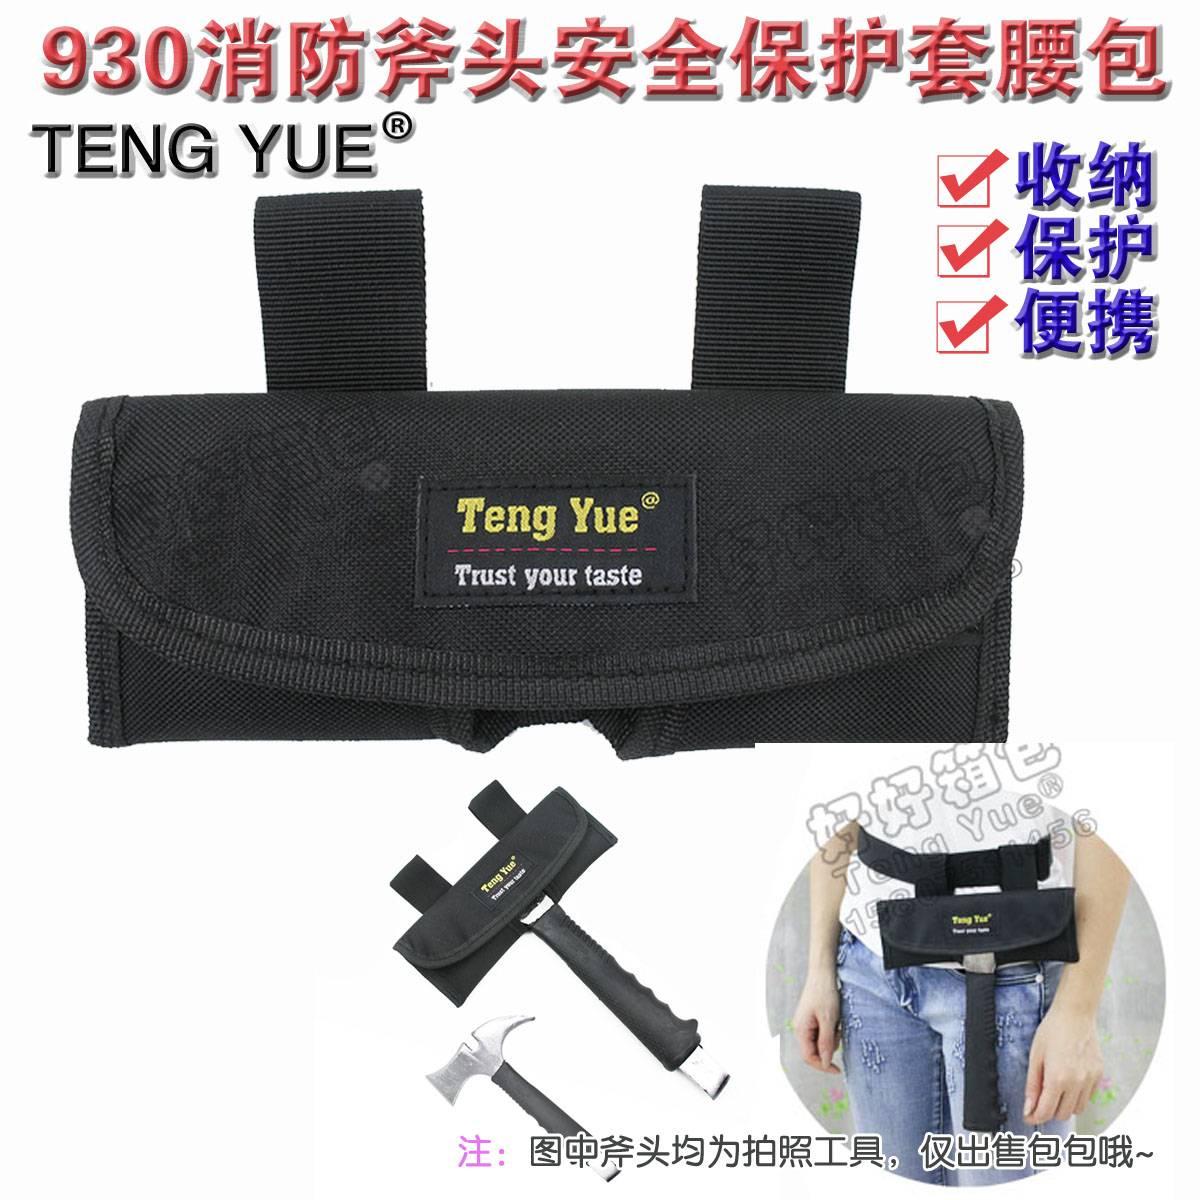 【好好箱包】广东新丰TENG YUE930消防斧头安全保护套腰包加厚便携斧头腰挂包收纳包袋